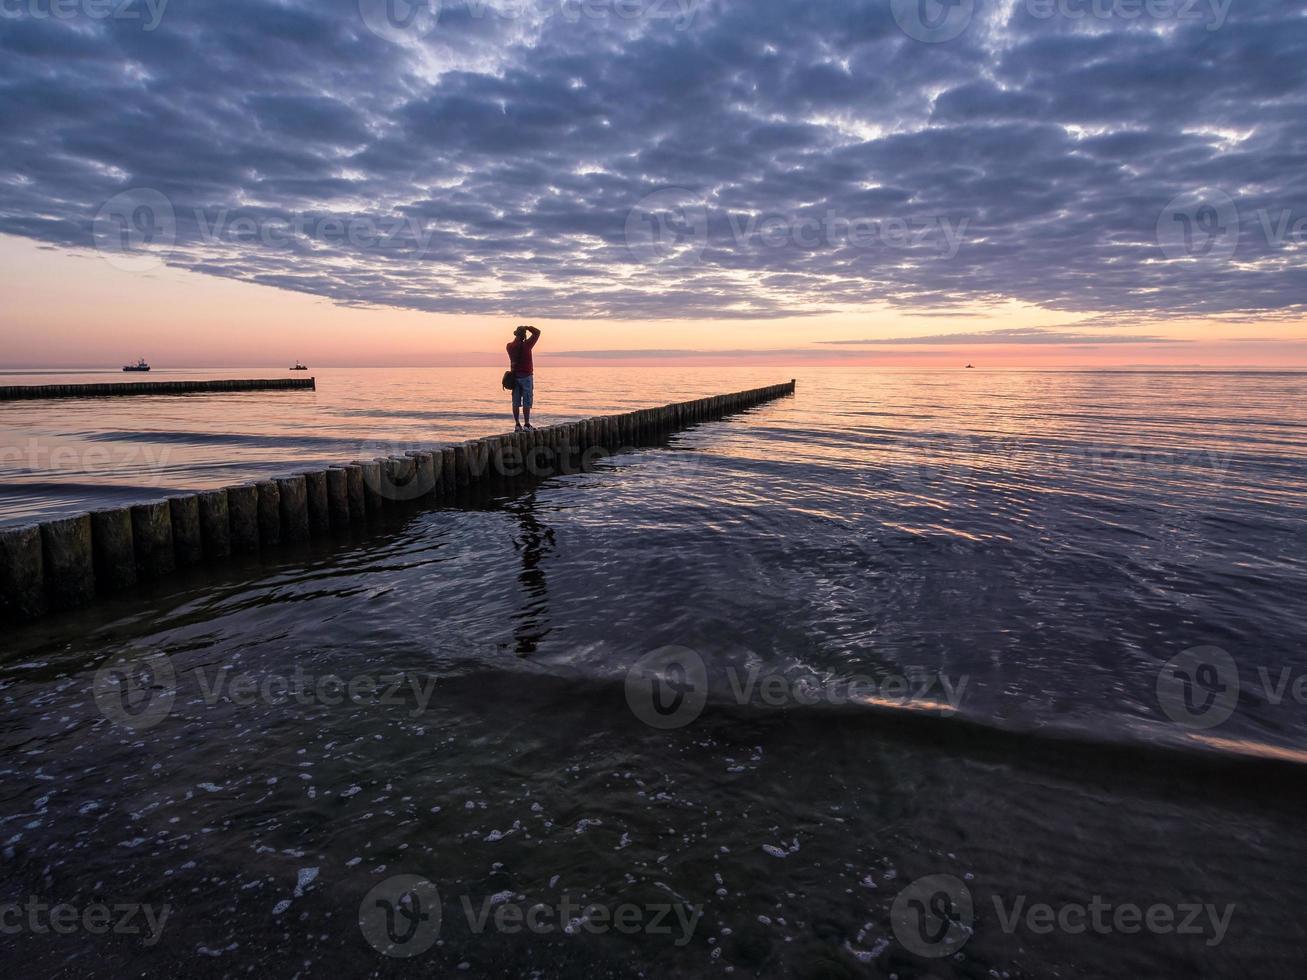 fotógrafo em um quebra-mar foto